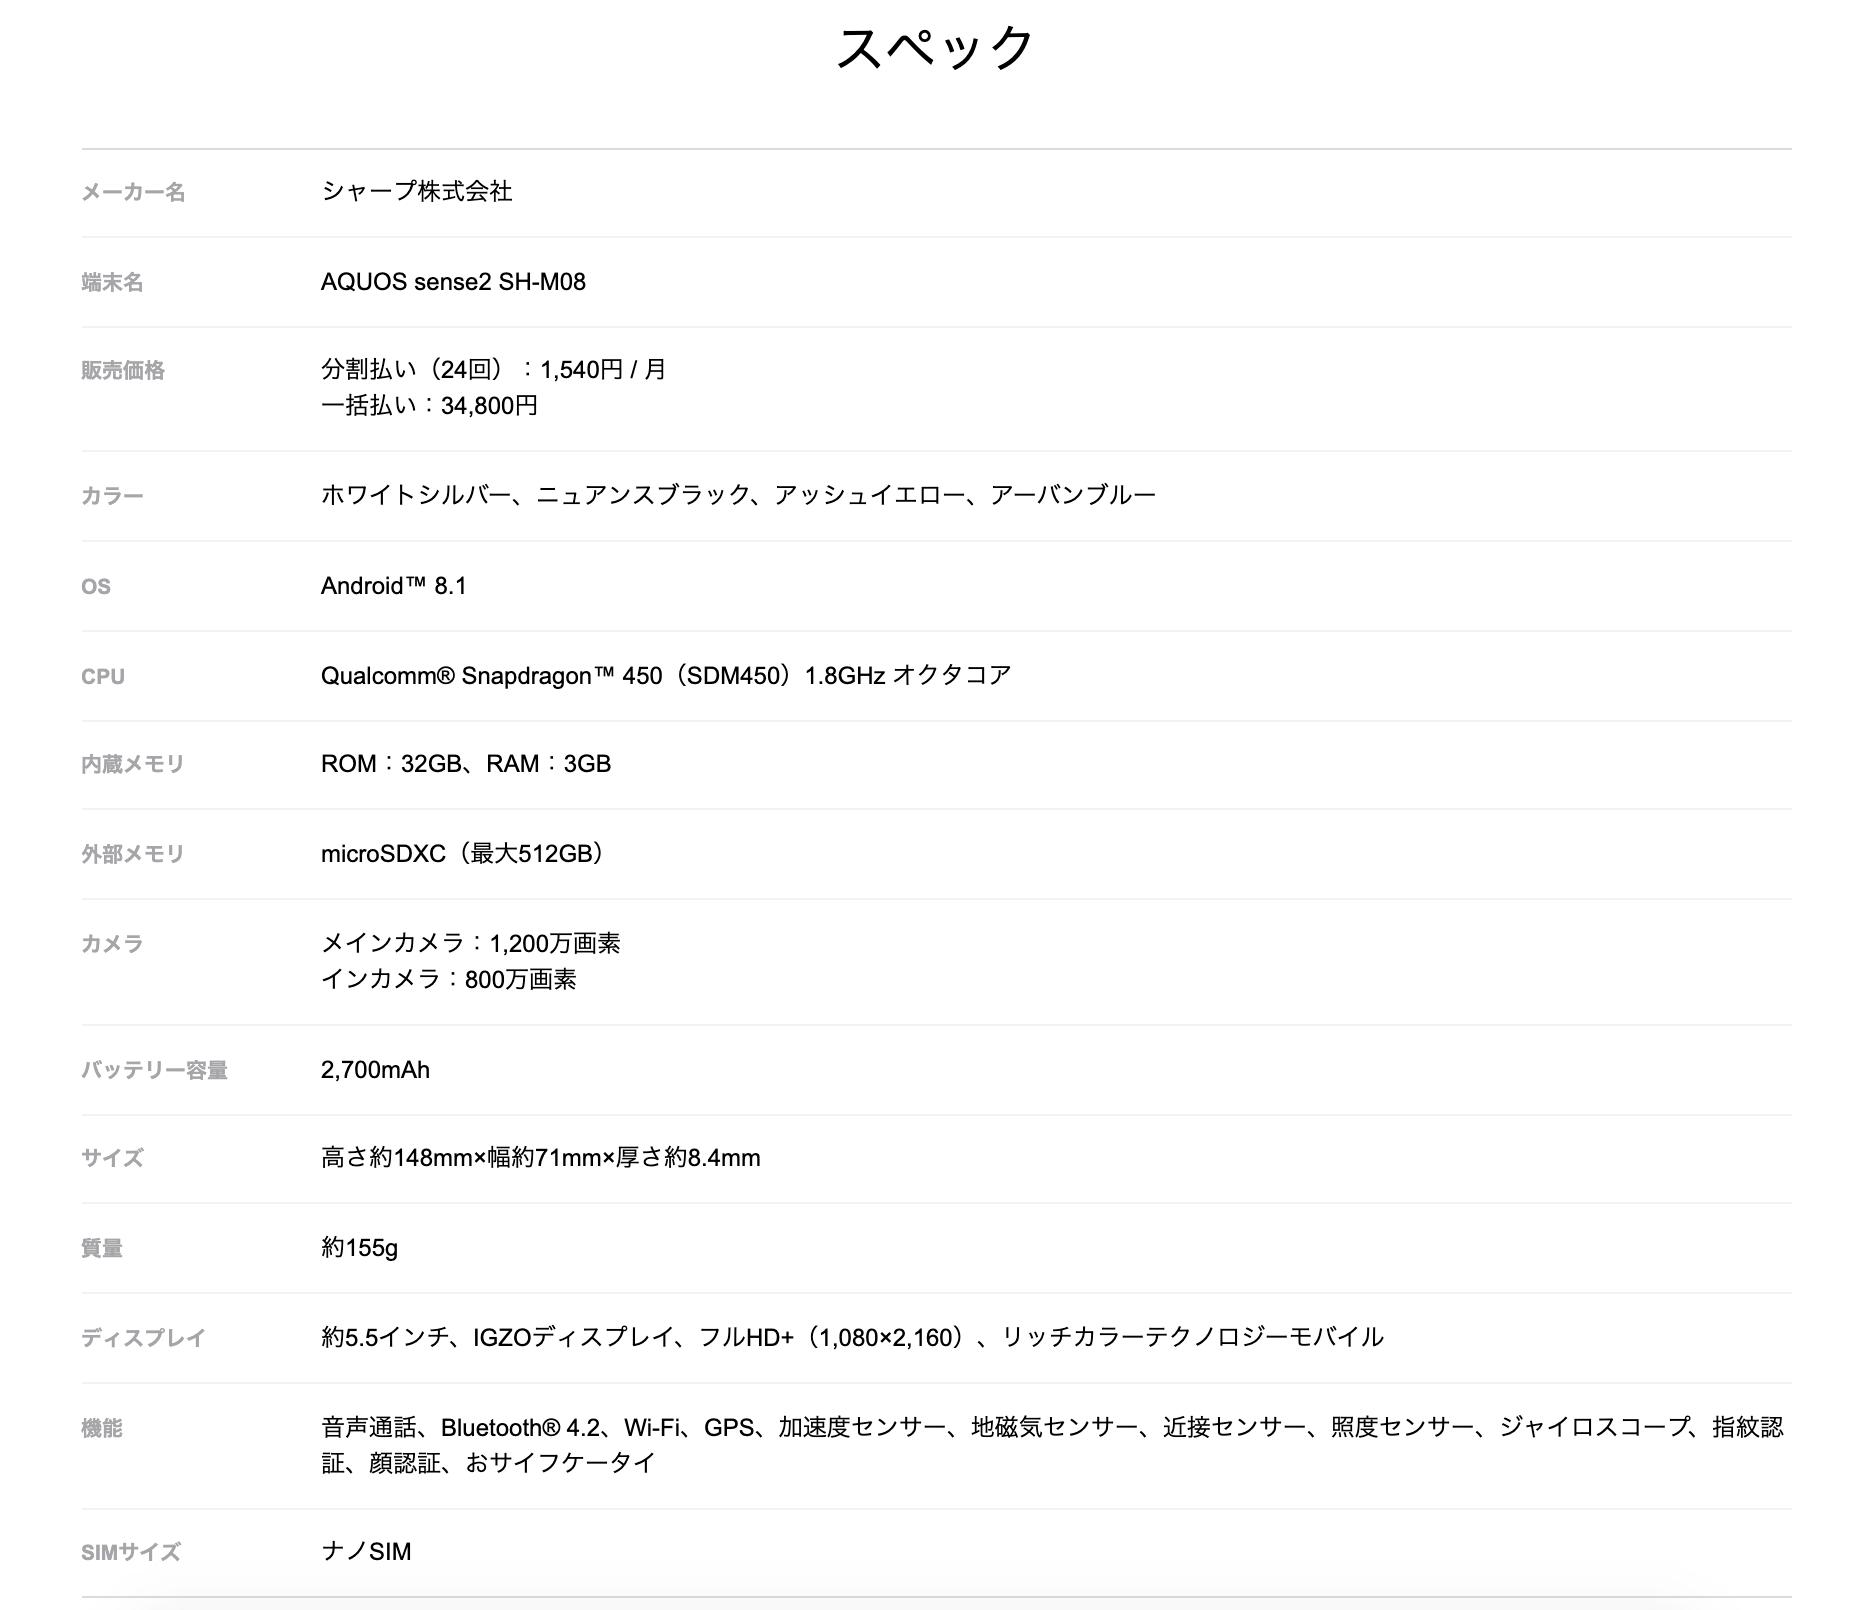 LINEモバイル SH-M08 スペック